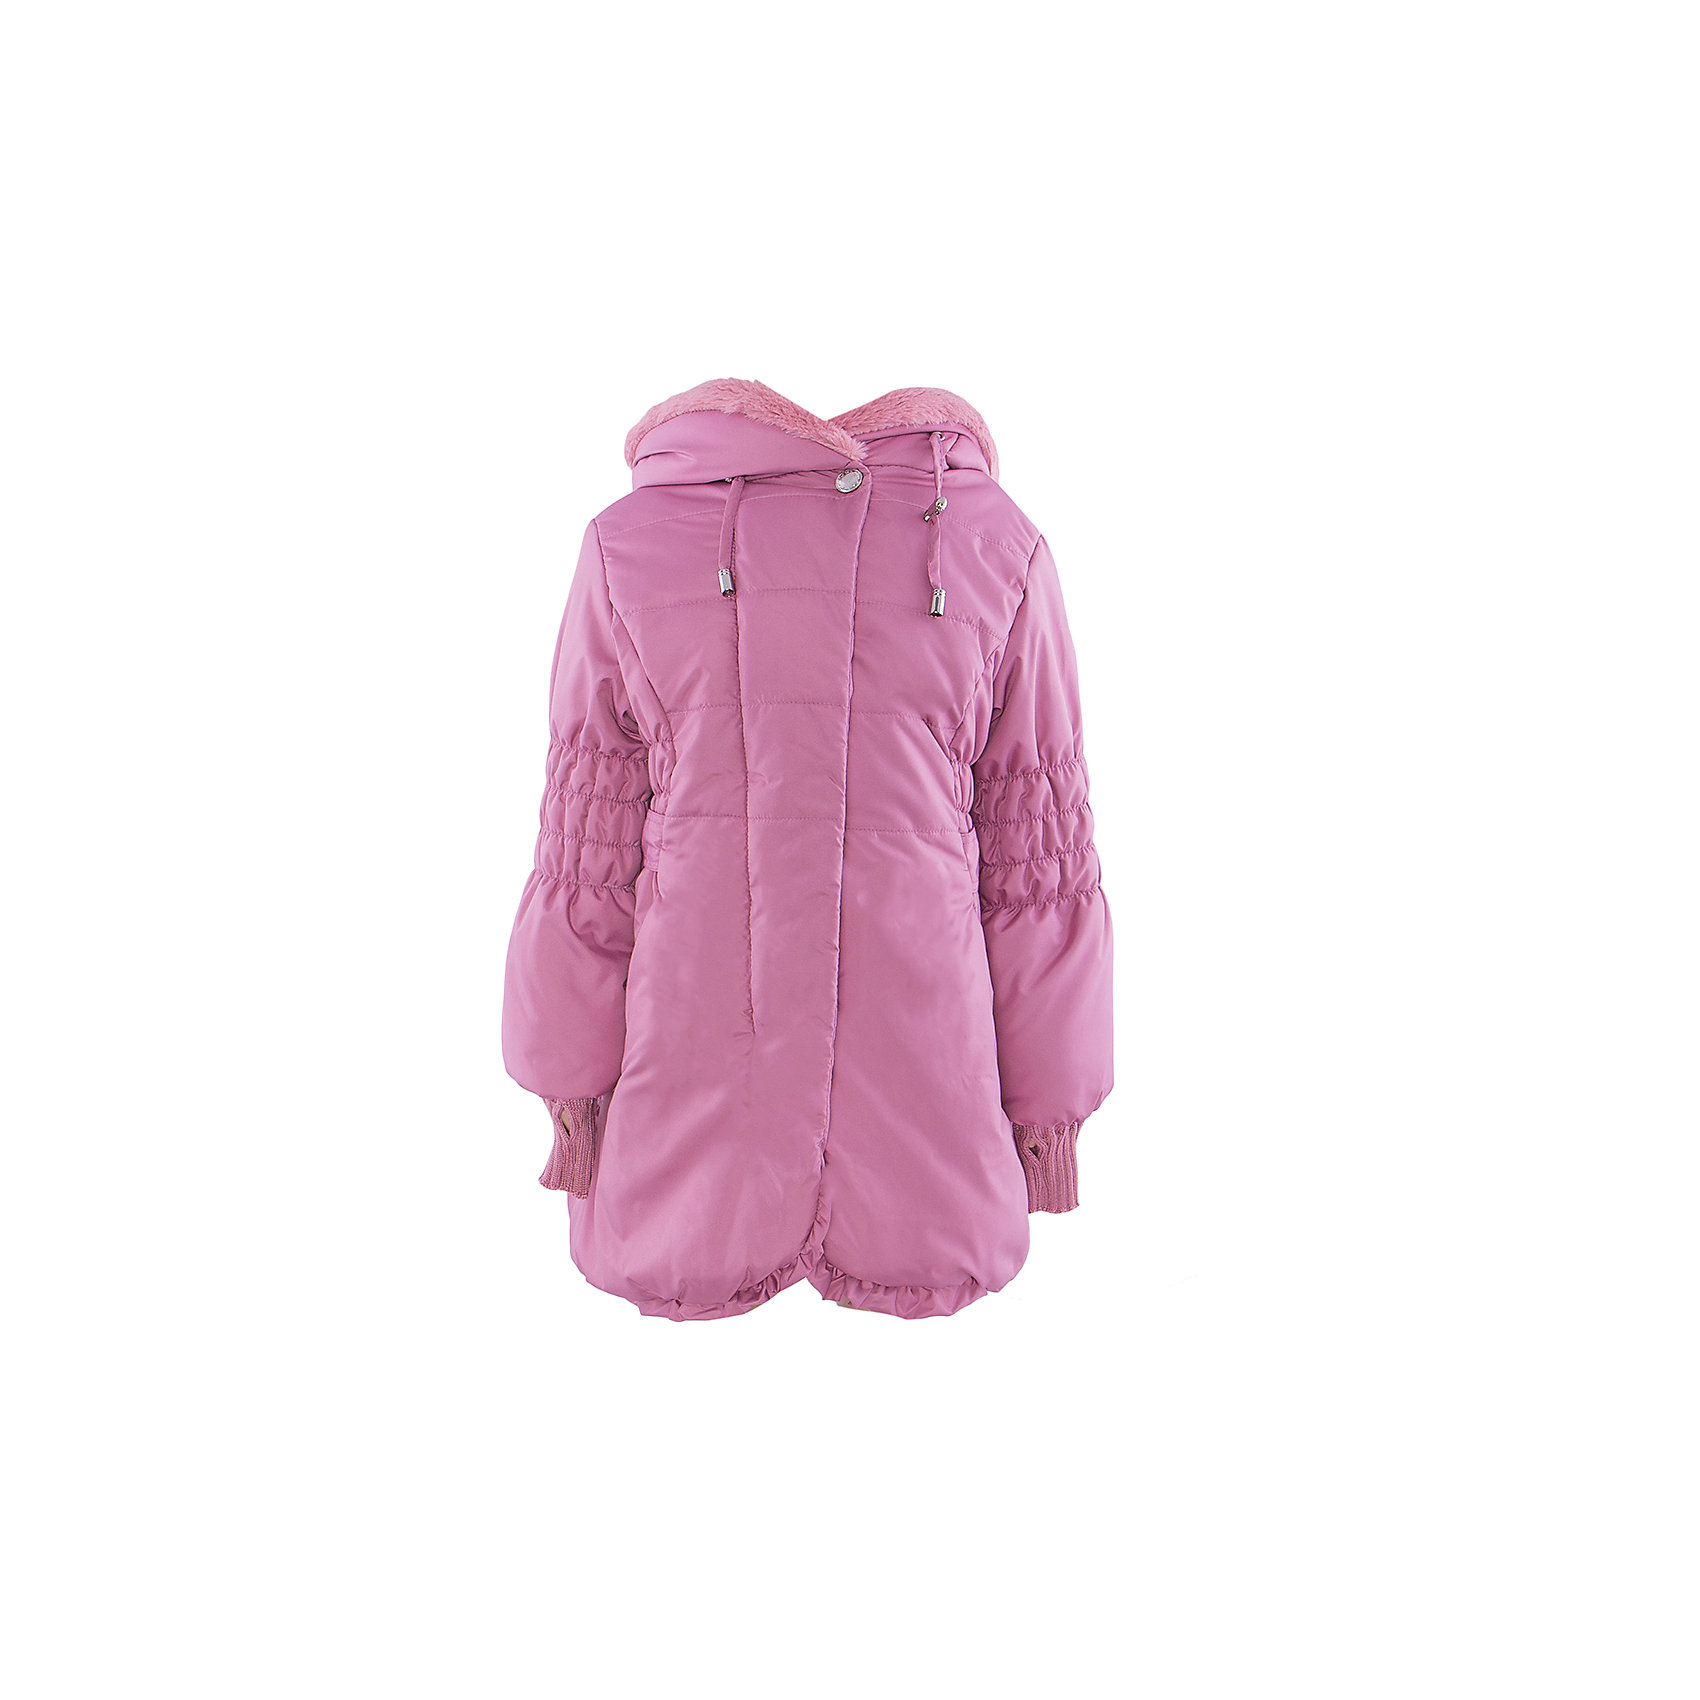 Куртка для девочки АртельКуртка для девочки от торговой марки Артель &#13;<br>&#13;<br>Очень эффектная куртка отлично смотрится и хорошо сидит. Изделие выполнено из качественных материалов, имеет удобные карманы и капюшон. Отличный вариант для переменной погоды межсезонья!&#13;<br>Одежда от бренда Артель – это высокое качество по приемлемой цене и всегда продуманный дизайн. &#13;<br>&#13;<br>Особенности модели: &#13;<br>- цвет - розовый;&#13;<br>- наличие карманов;&#13;<br>- наличие капюшона с опушкой;&#13;<br>- ветрозащитный клапан;&#13;<br>- отделка рюшами;&#13;<br>- застежка-молния.&#13;<br>&#13;<br>Дополнительная информация:&#13;<br>&#13;<br>Состав: &#13;<br>- верх: F Multi;&#13;<br>- подкладка: хлопок интерлок;<br>- утеплитель: термофайбер 100гр.<br><br>&#13;<br>Температурный режим: &#13;<br>от -10 °C до +10 °C&#13;<br>&#13;<br>Куртку для девочки Артель (Artel) можно купить в нашем магазине.<br><br>Ширина мм: 356<br>Глубина мм: 10<br>Высота мм: 245<br>Вес г: 519<br>Цвет: розовый<br>Возраст от месяцев: 48<br>Возраст до месяцев: 60<br>Пол: Женский<br>Возраст: Детский<br>Размер: 110,122,116,104,98<br>SKU: 4496019